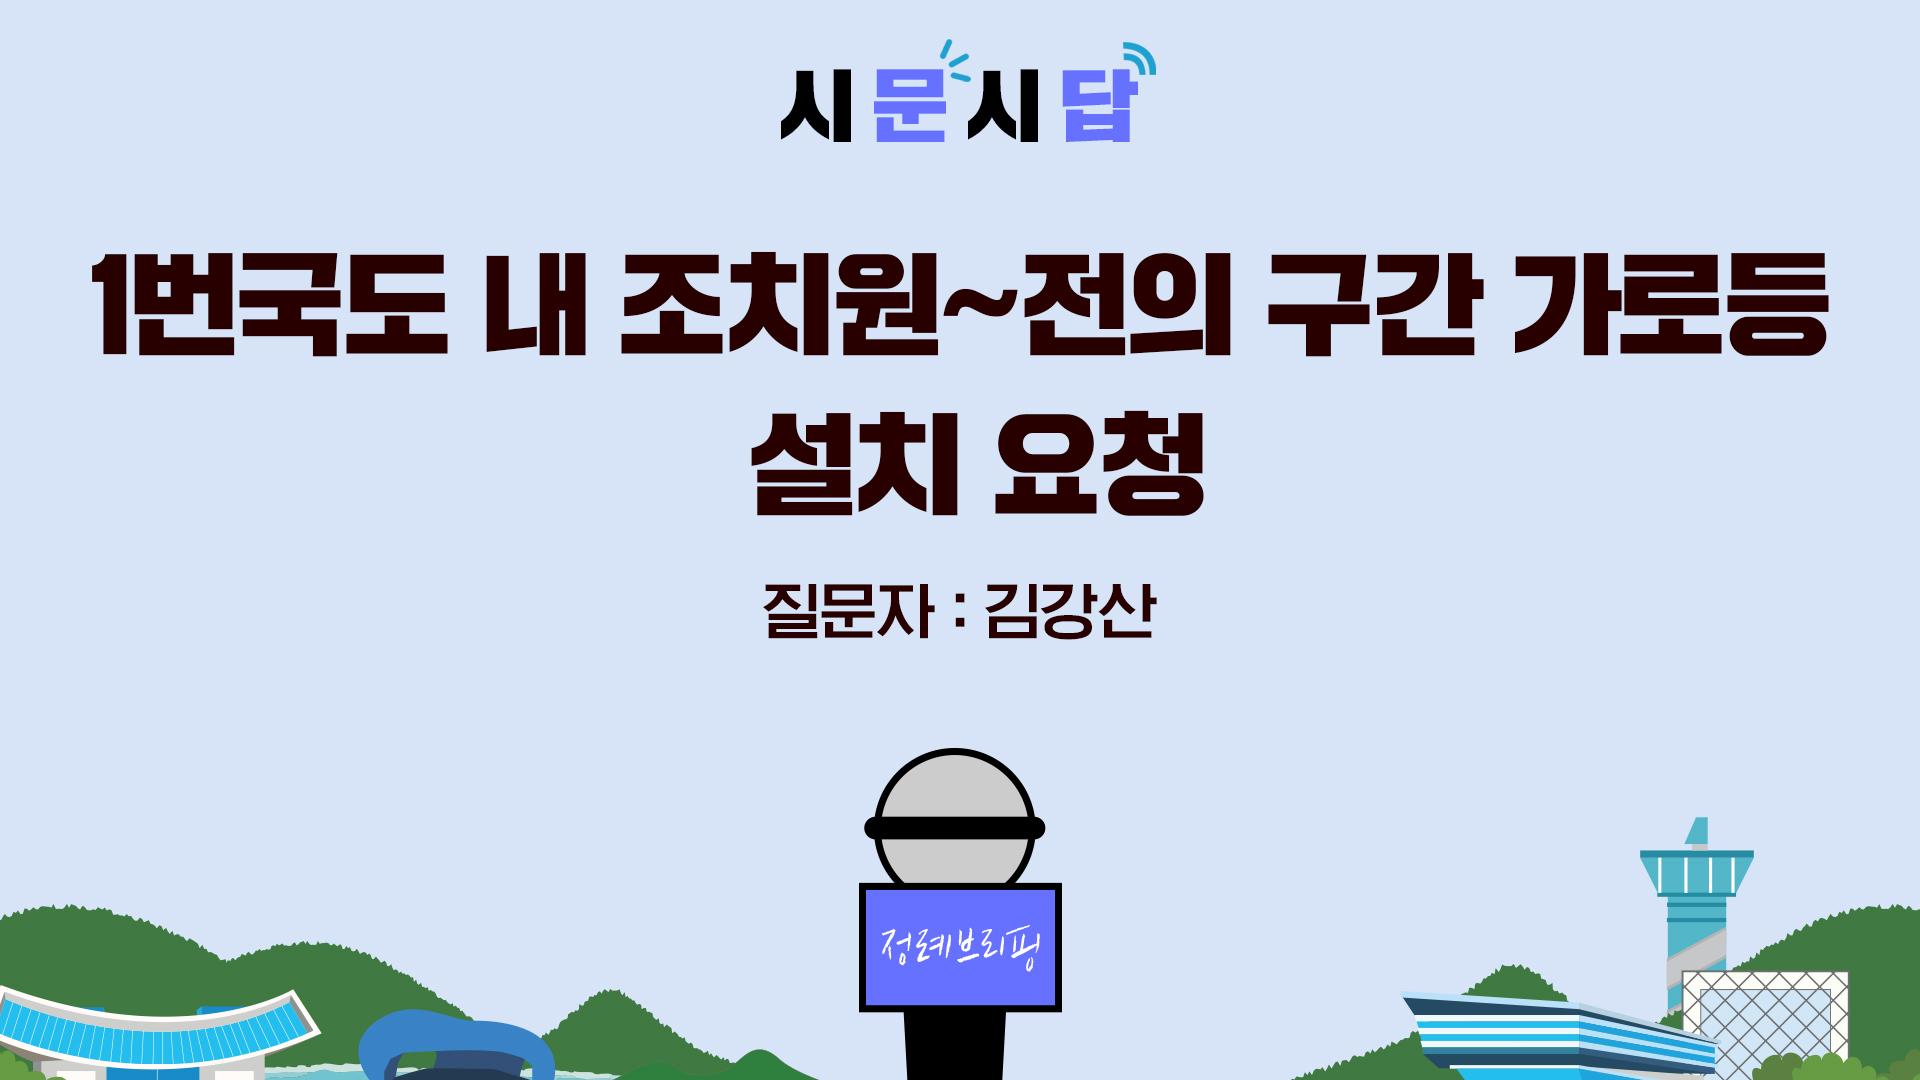 <시문시답> 1번국도 내 조치원~전의 구간 가로등 설치 요청